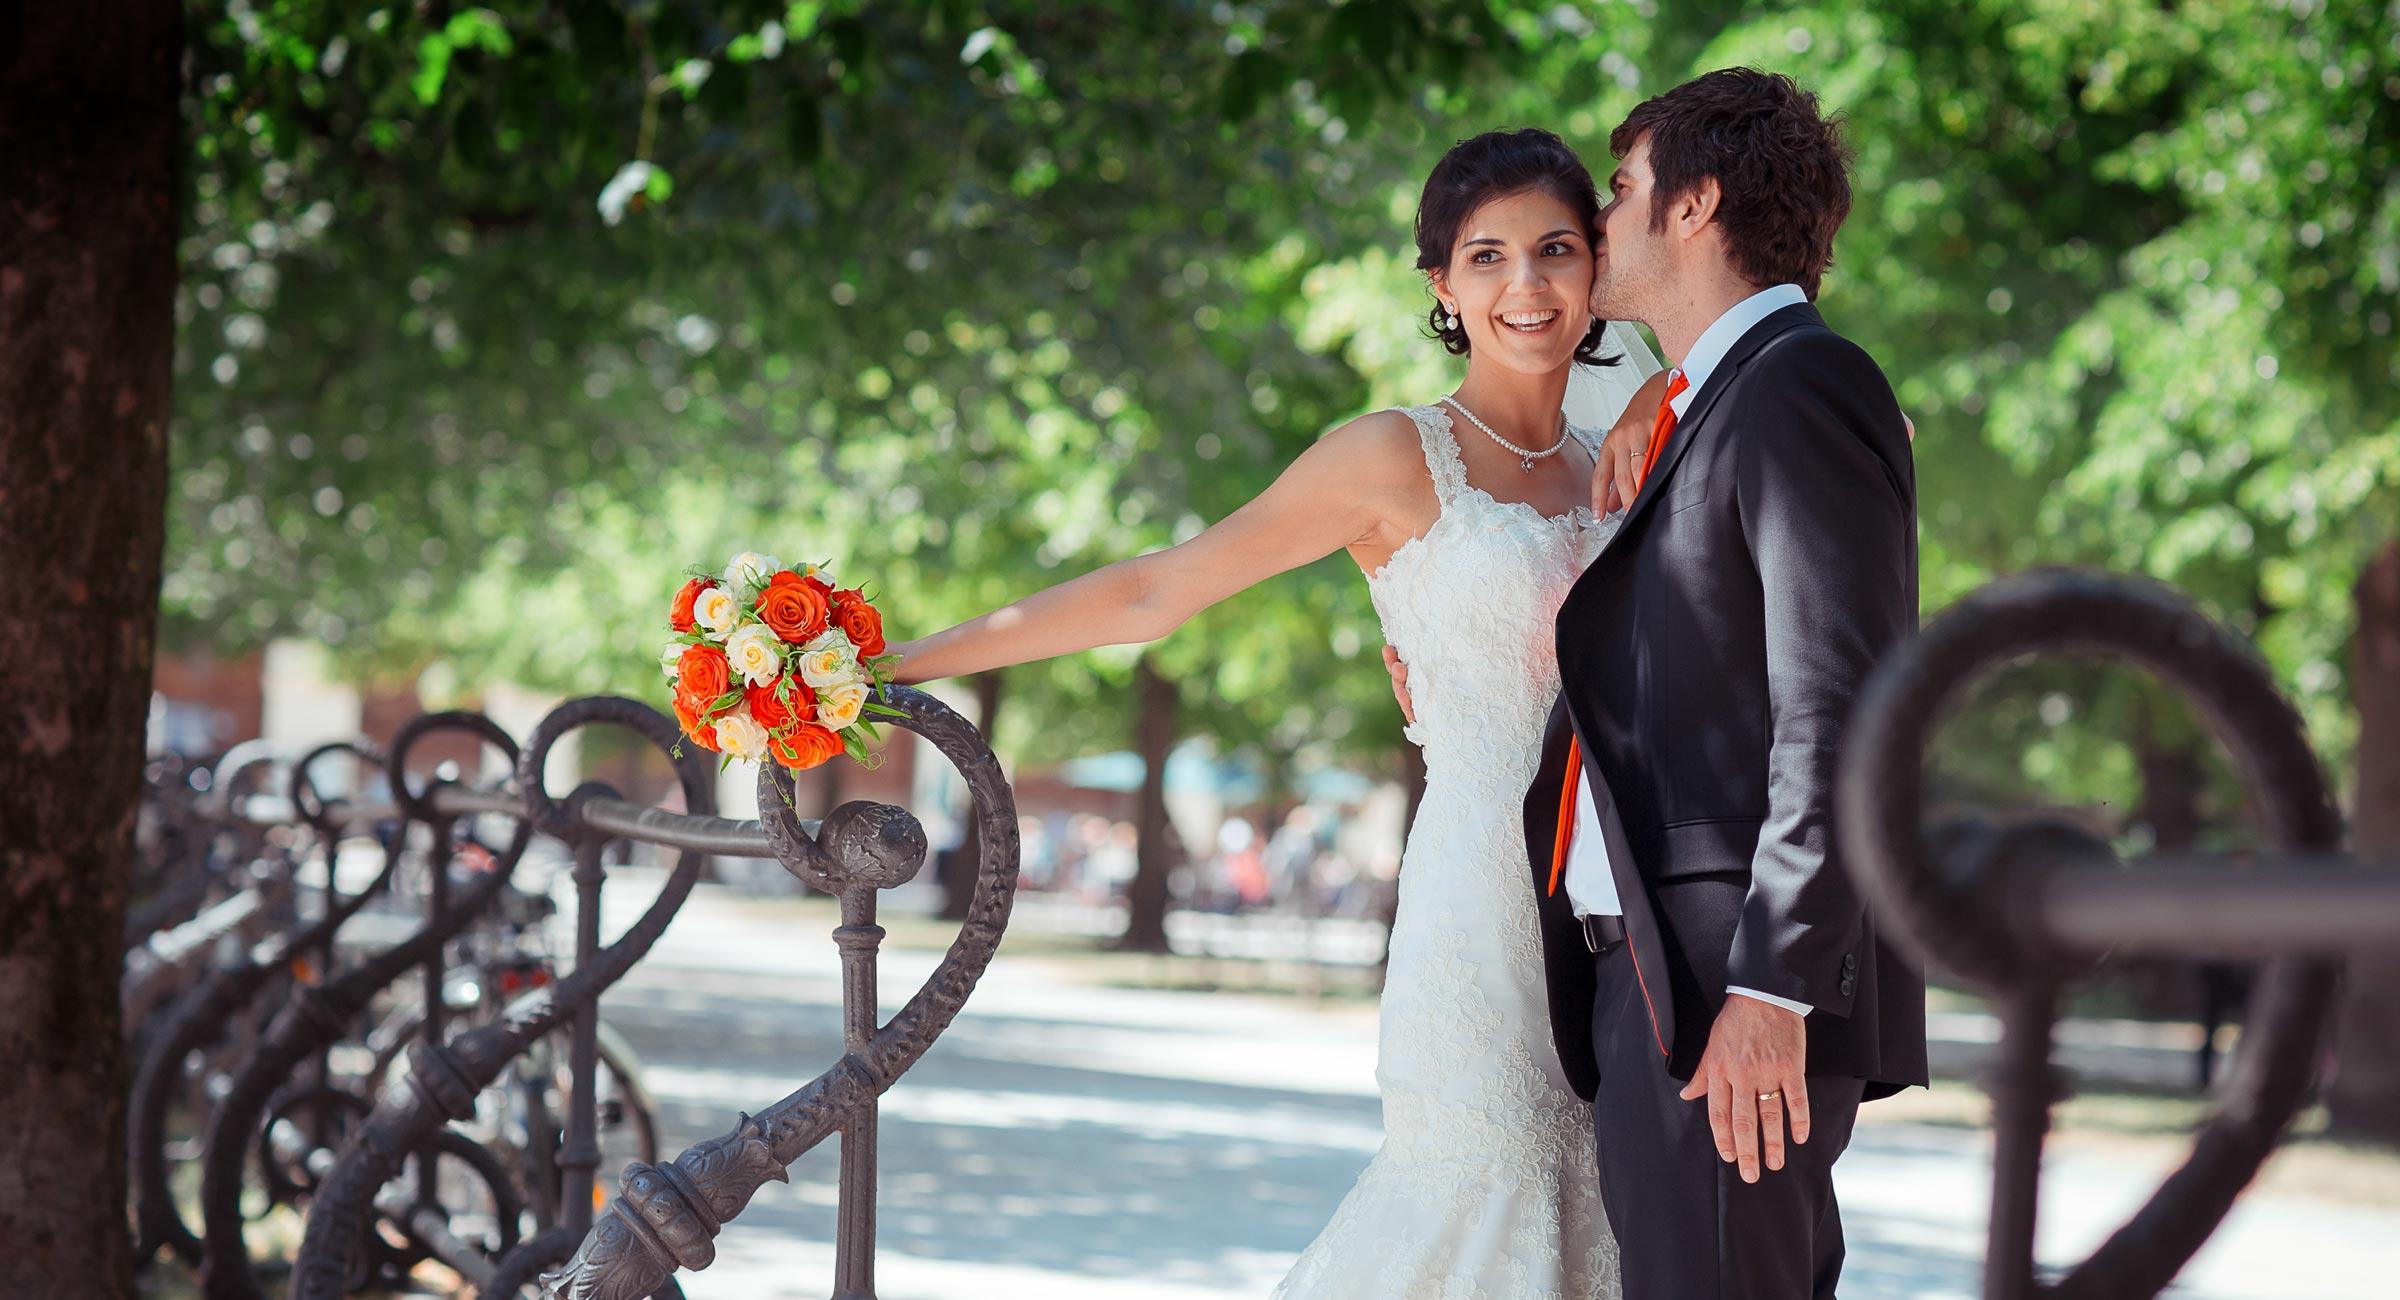 Романтическая свадьба в Мюнхене